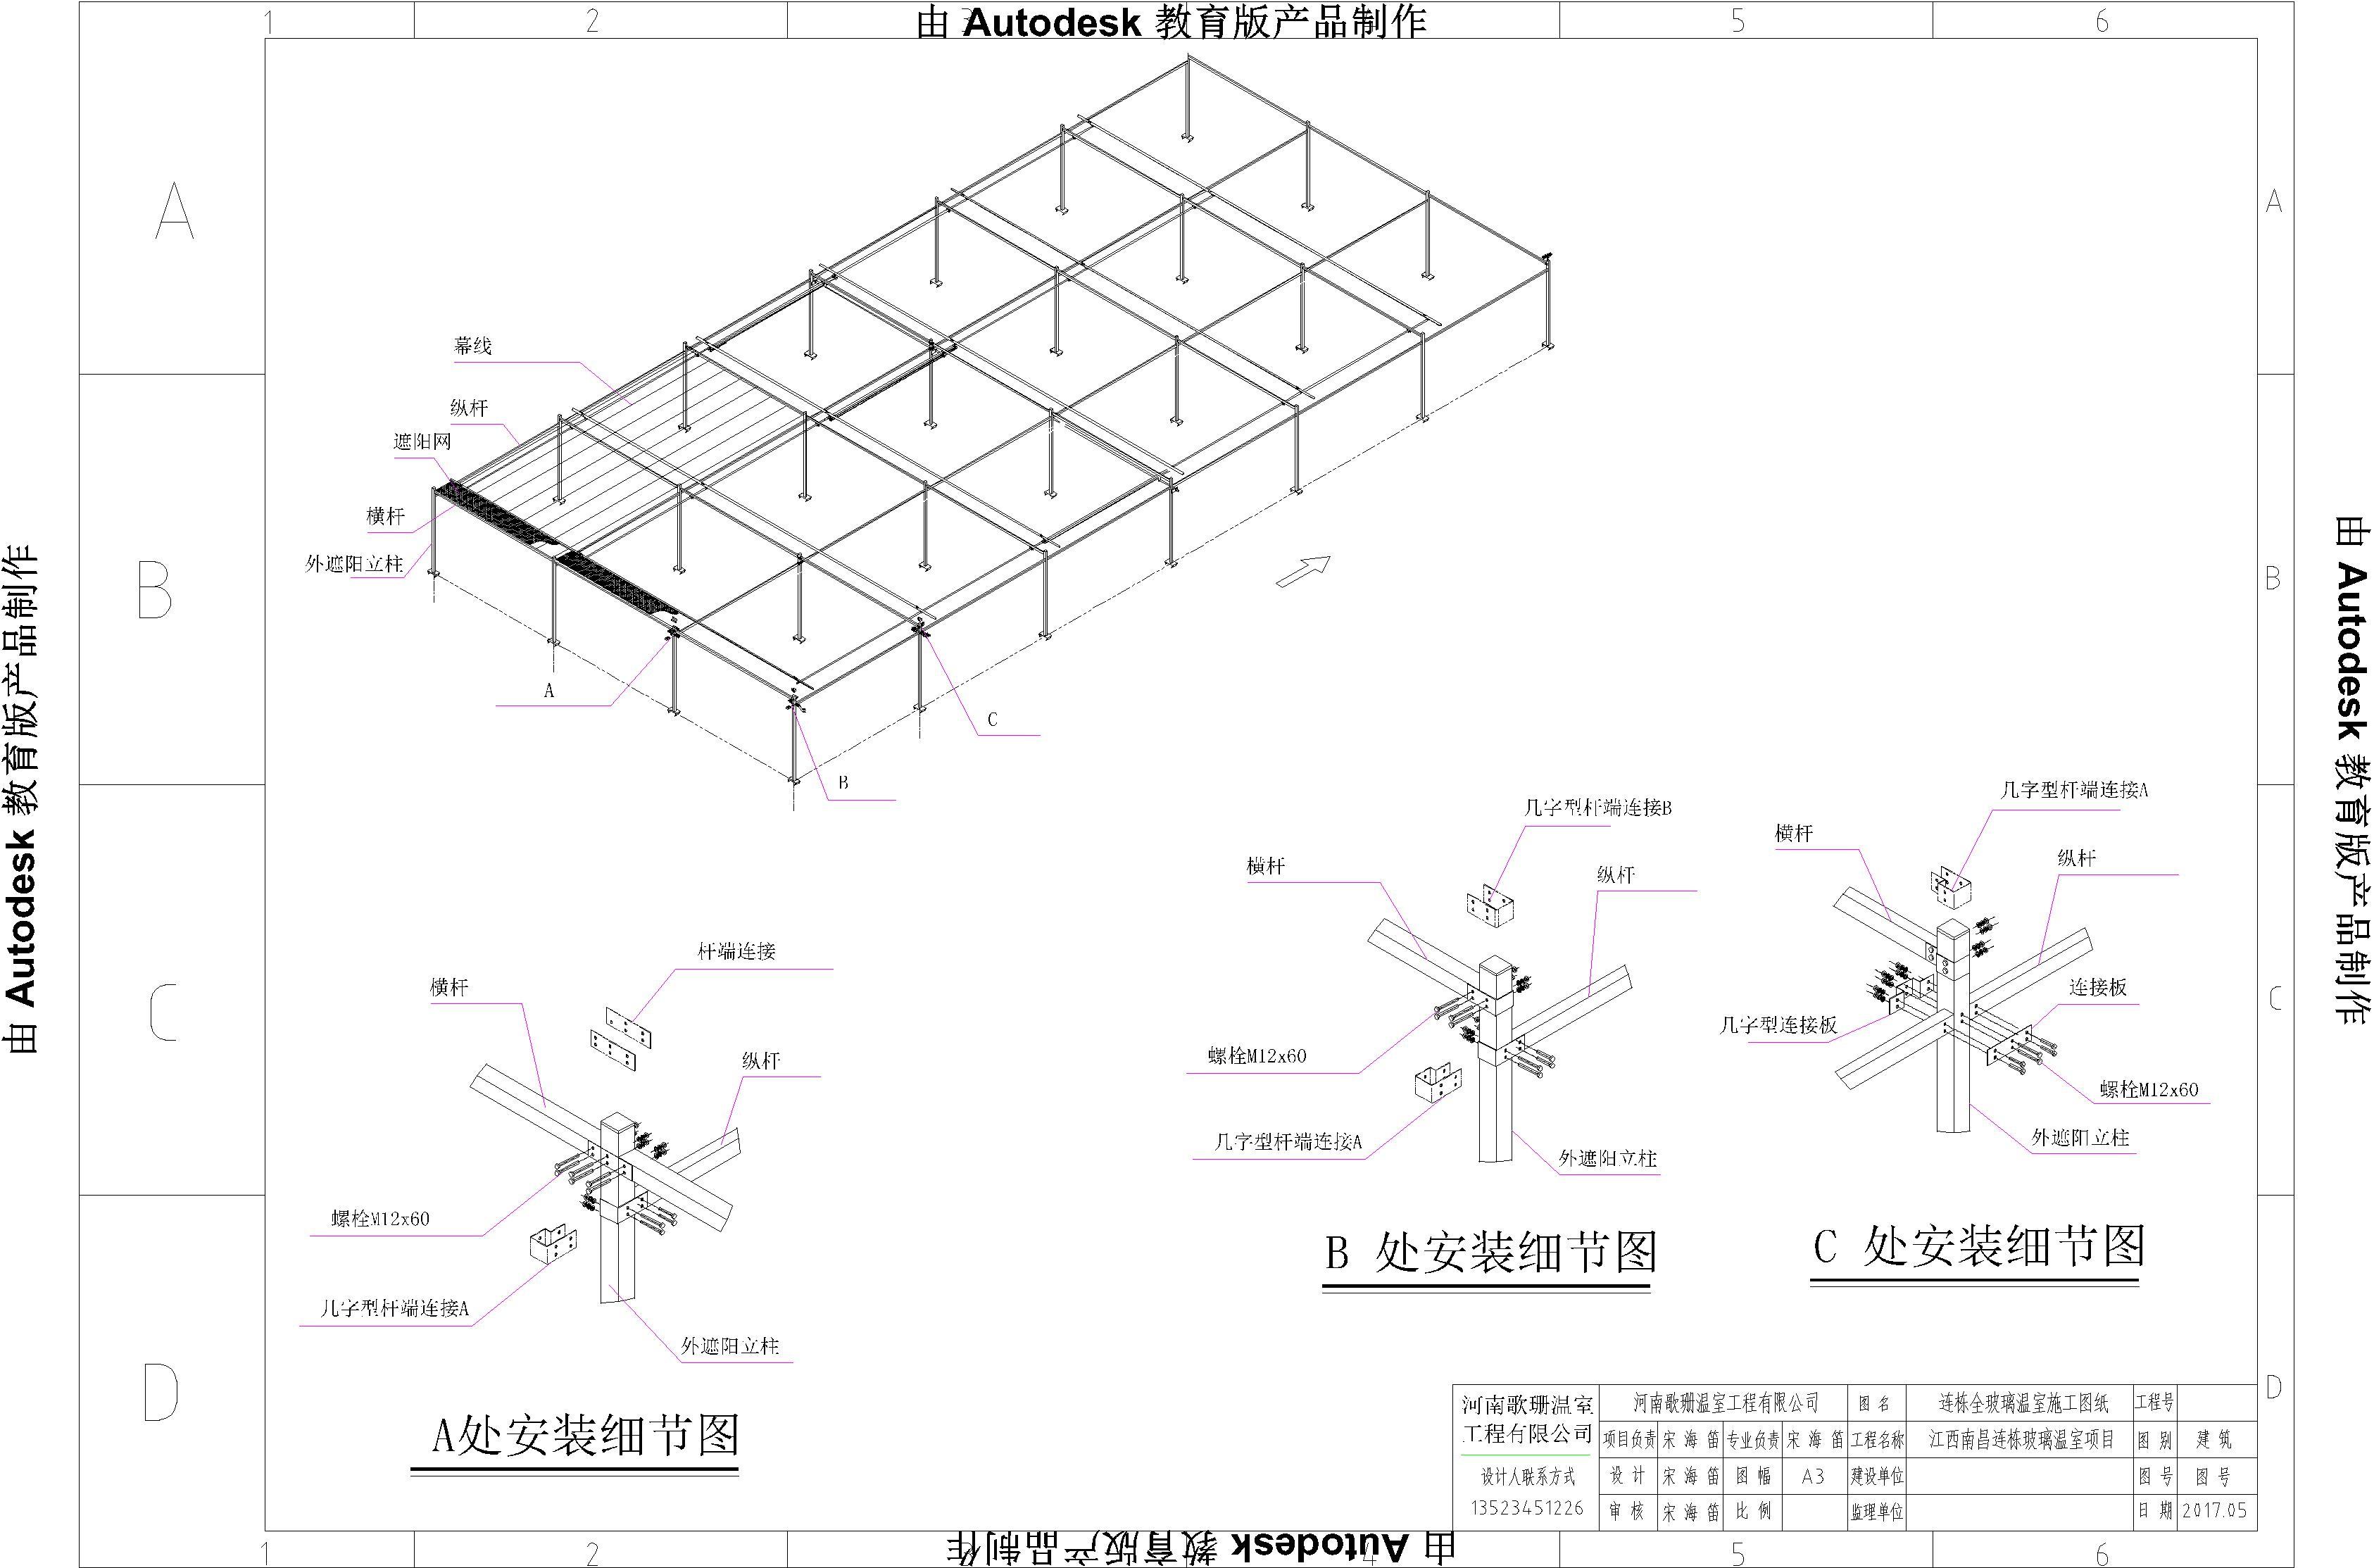 ...方某温室大棚设计cad全套建筑施工图纸(甲级院设计)_土木在线